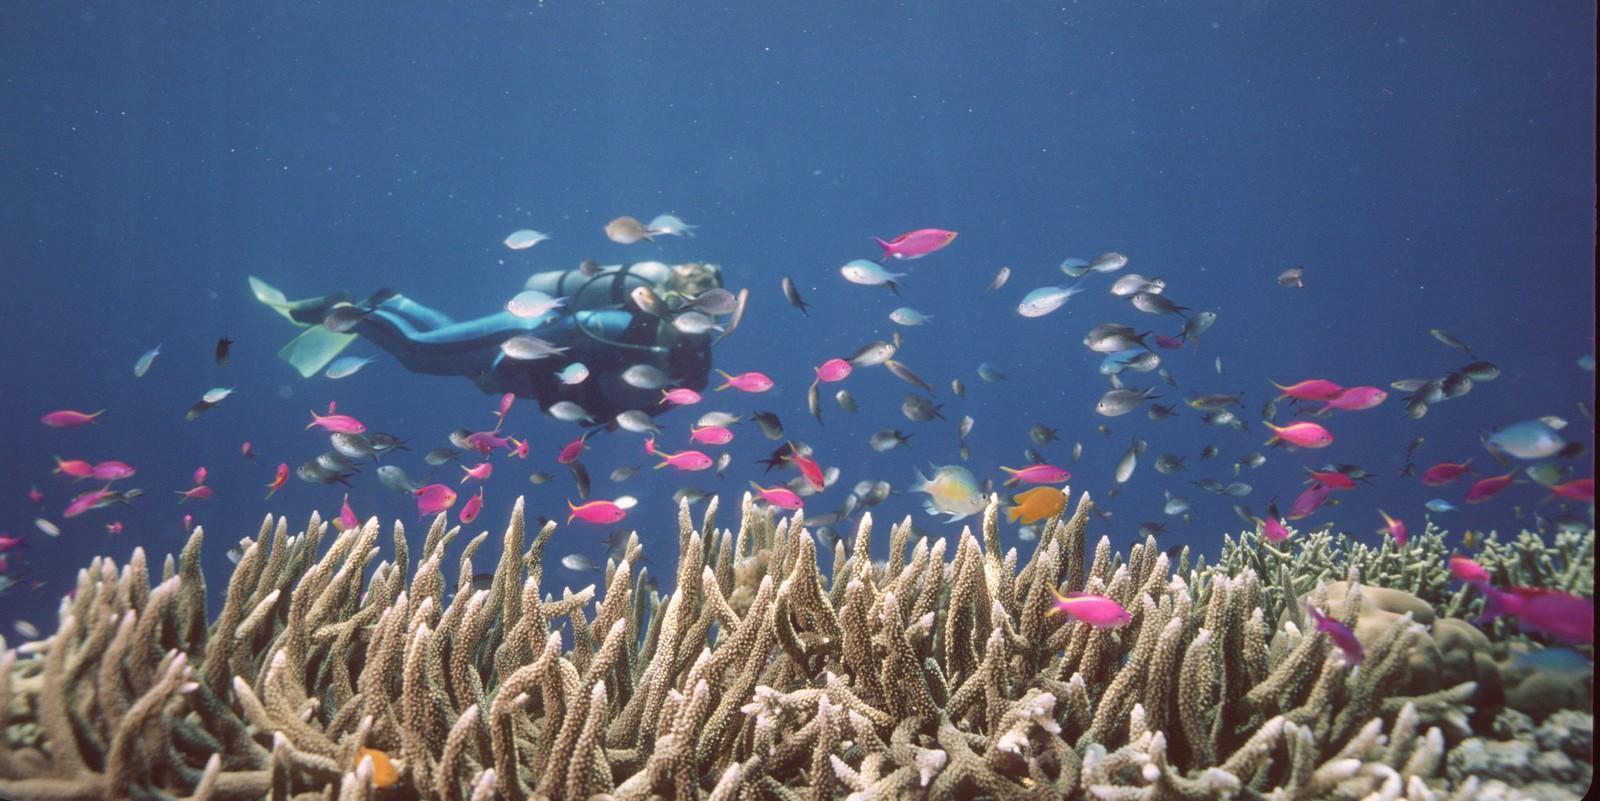 1.500 arter fisk, seks arter sjøskilpadde og 30 arter delfiner, hvaler og niser lever rund Great Barrier Reef. Forskere frykter arter kan dø ut hvis korallene i revet ikke får fargene tilbake.